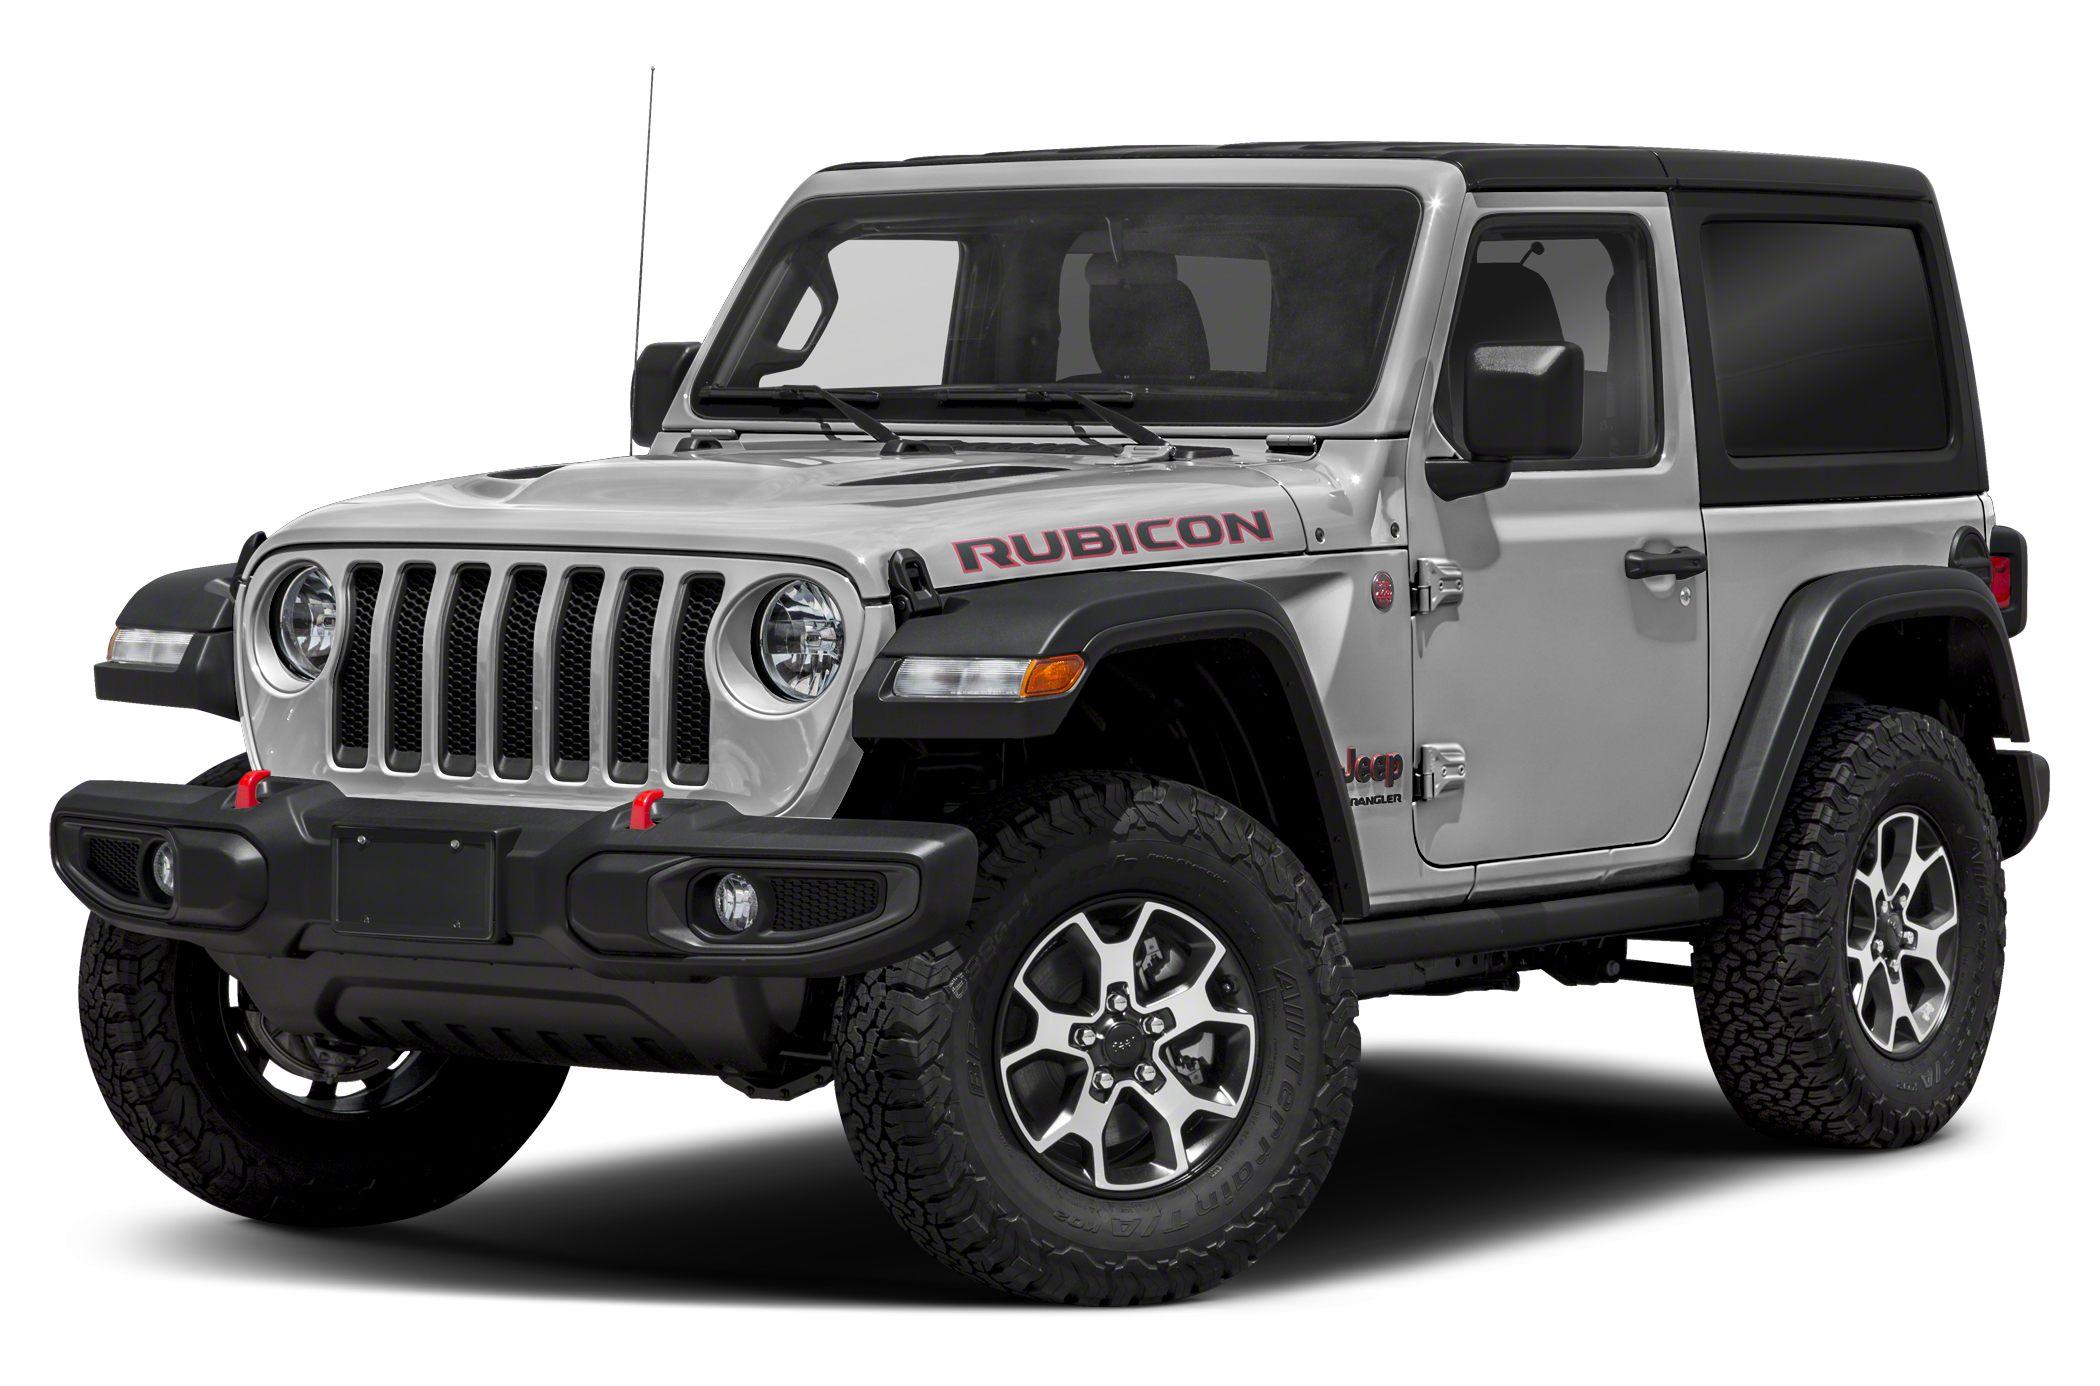 2020 Jeep Wrangler Rubicon 2dr 4x4